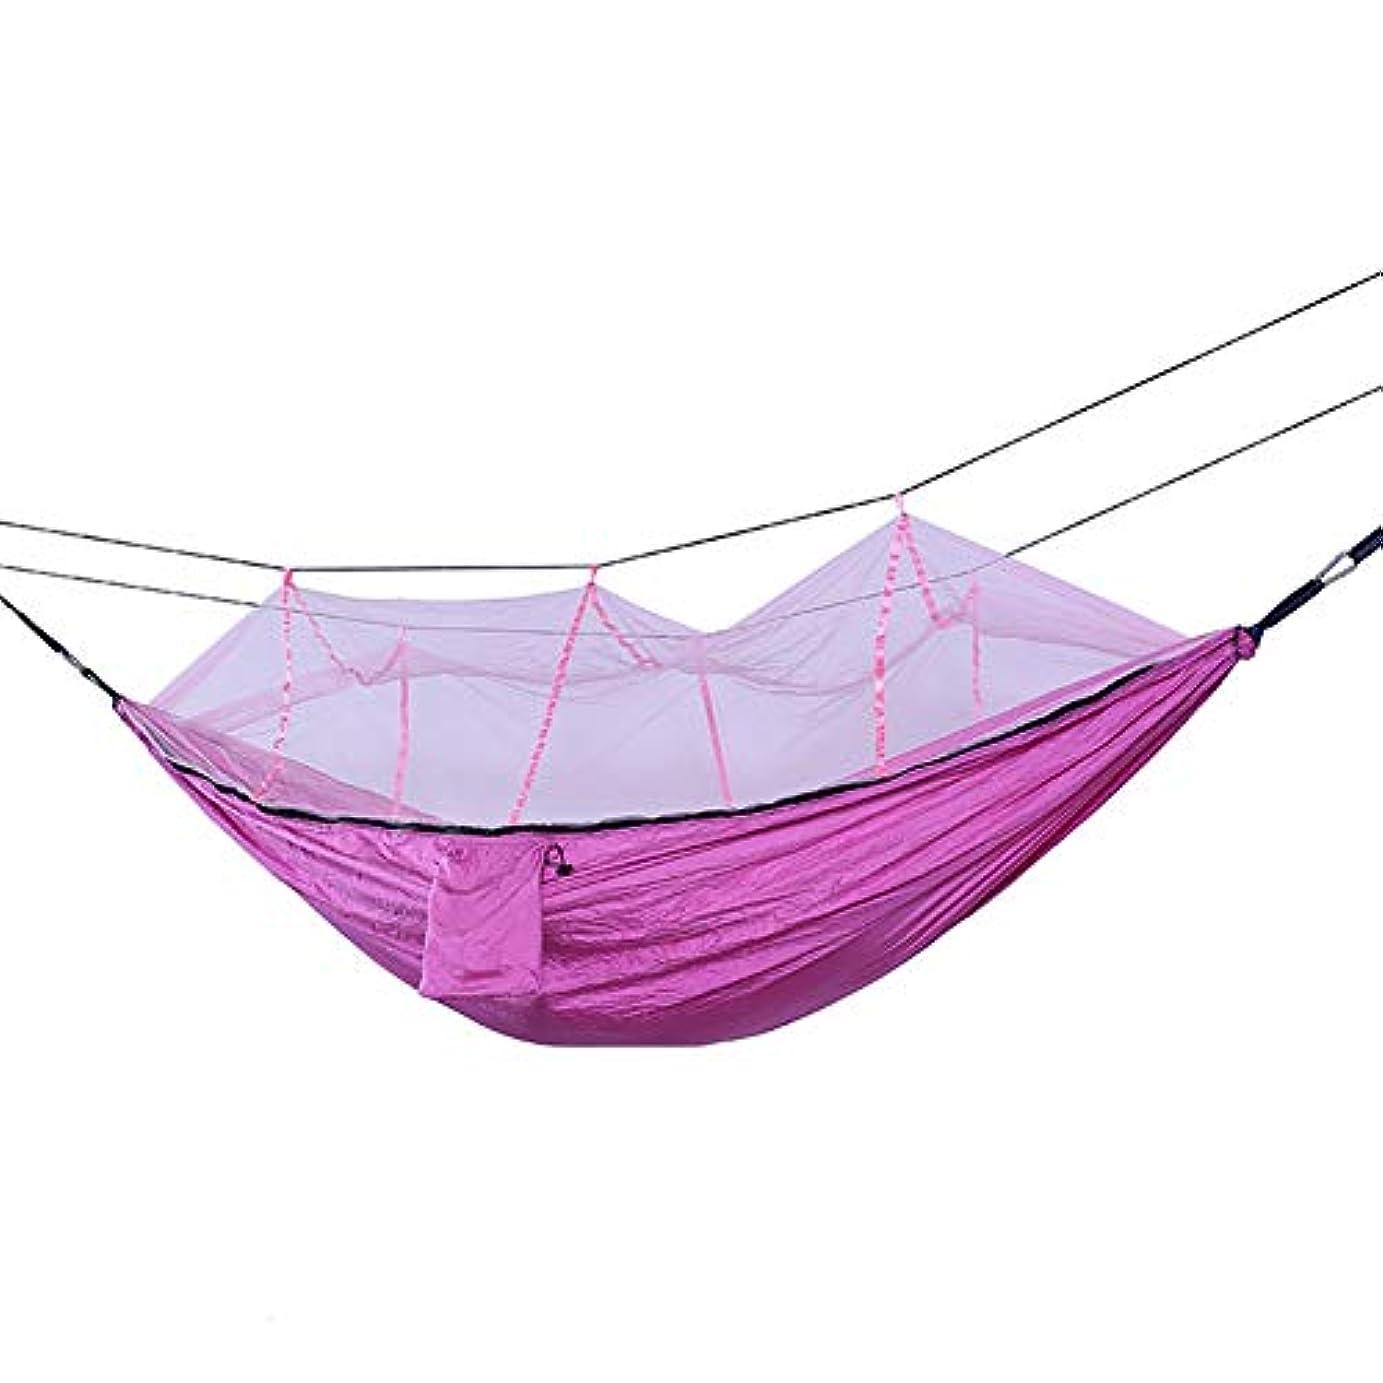 ベアリングサークル同一性領収書ハンモック 蚊帳付き パラシュートき カラビナ付き 折畳み 登山用 野外 持ち運び簡単